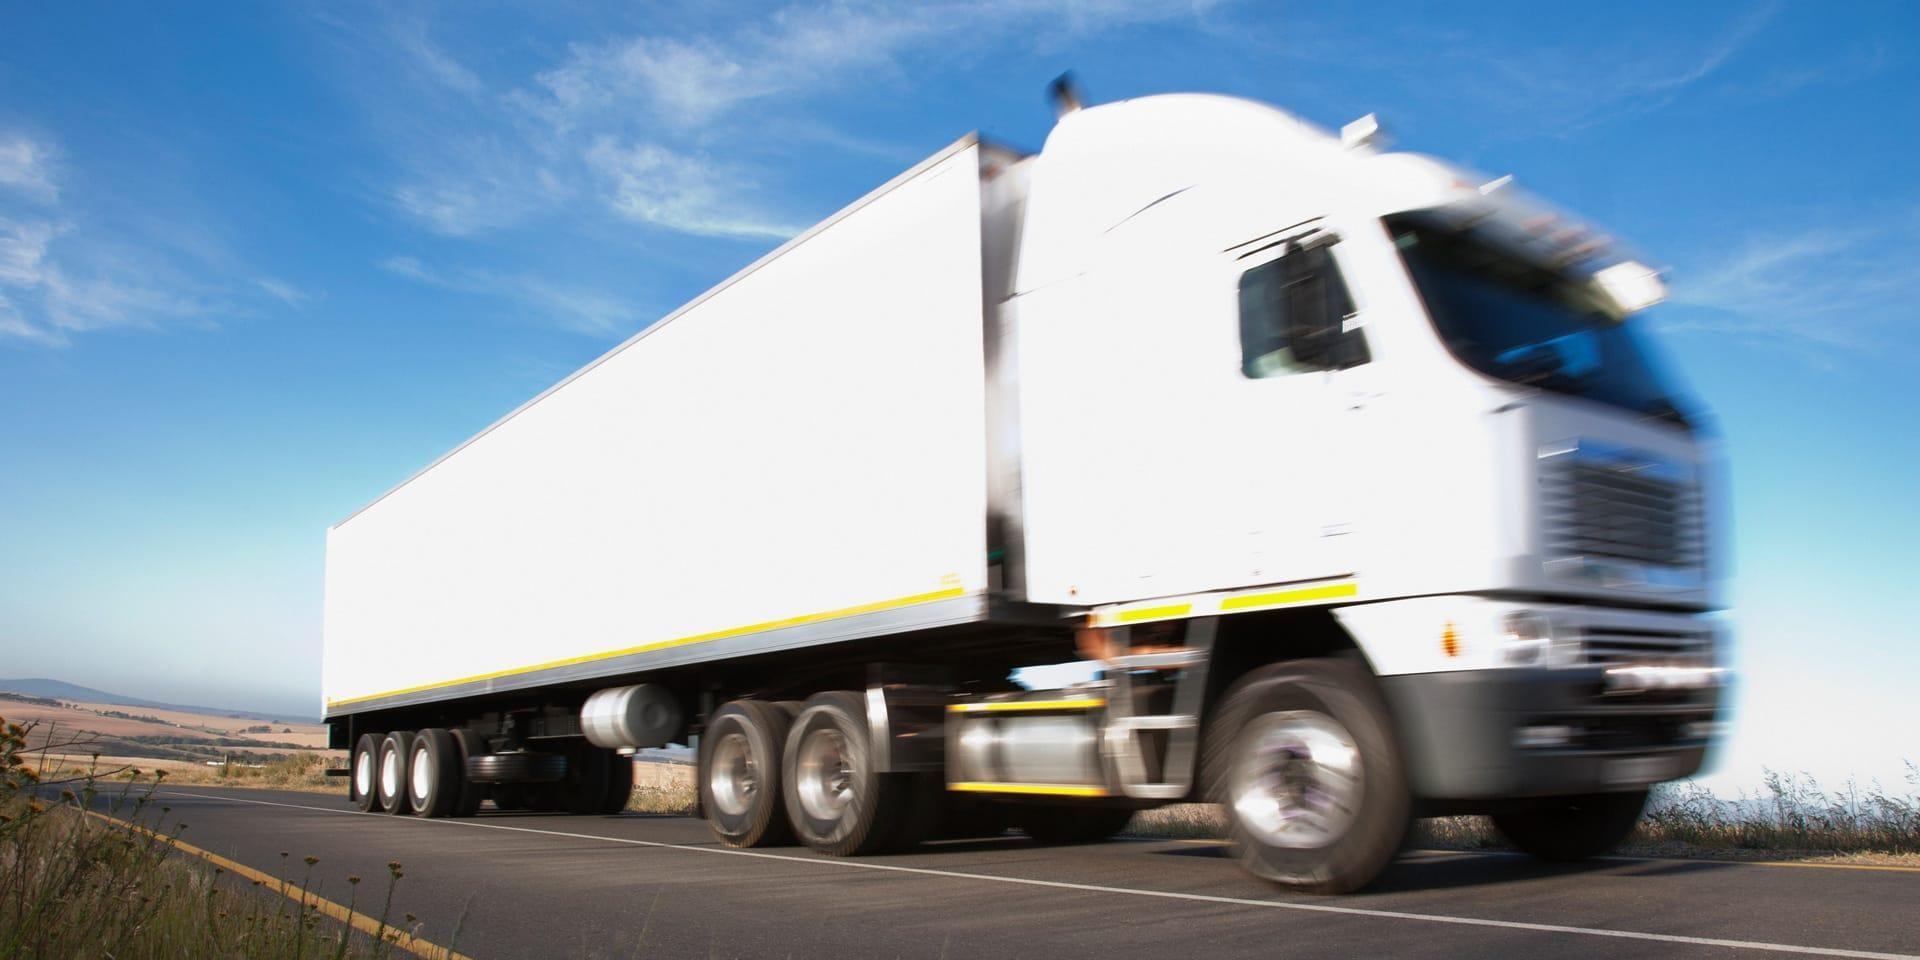 高速公路上的大型牵引拖车